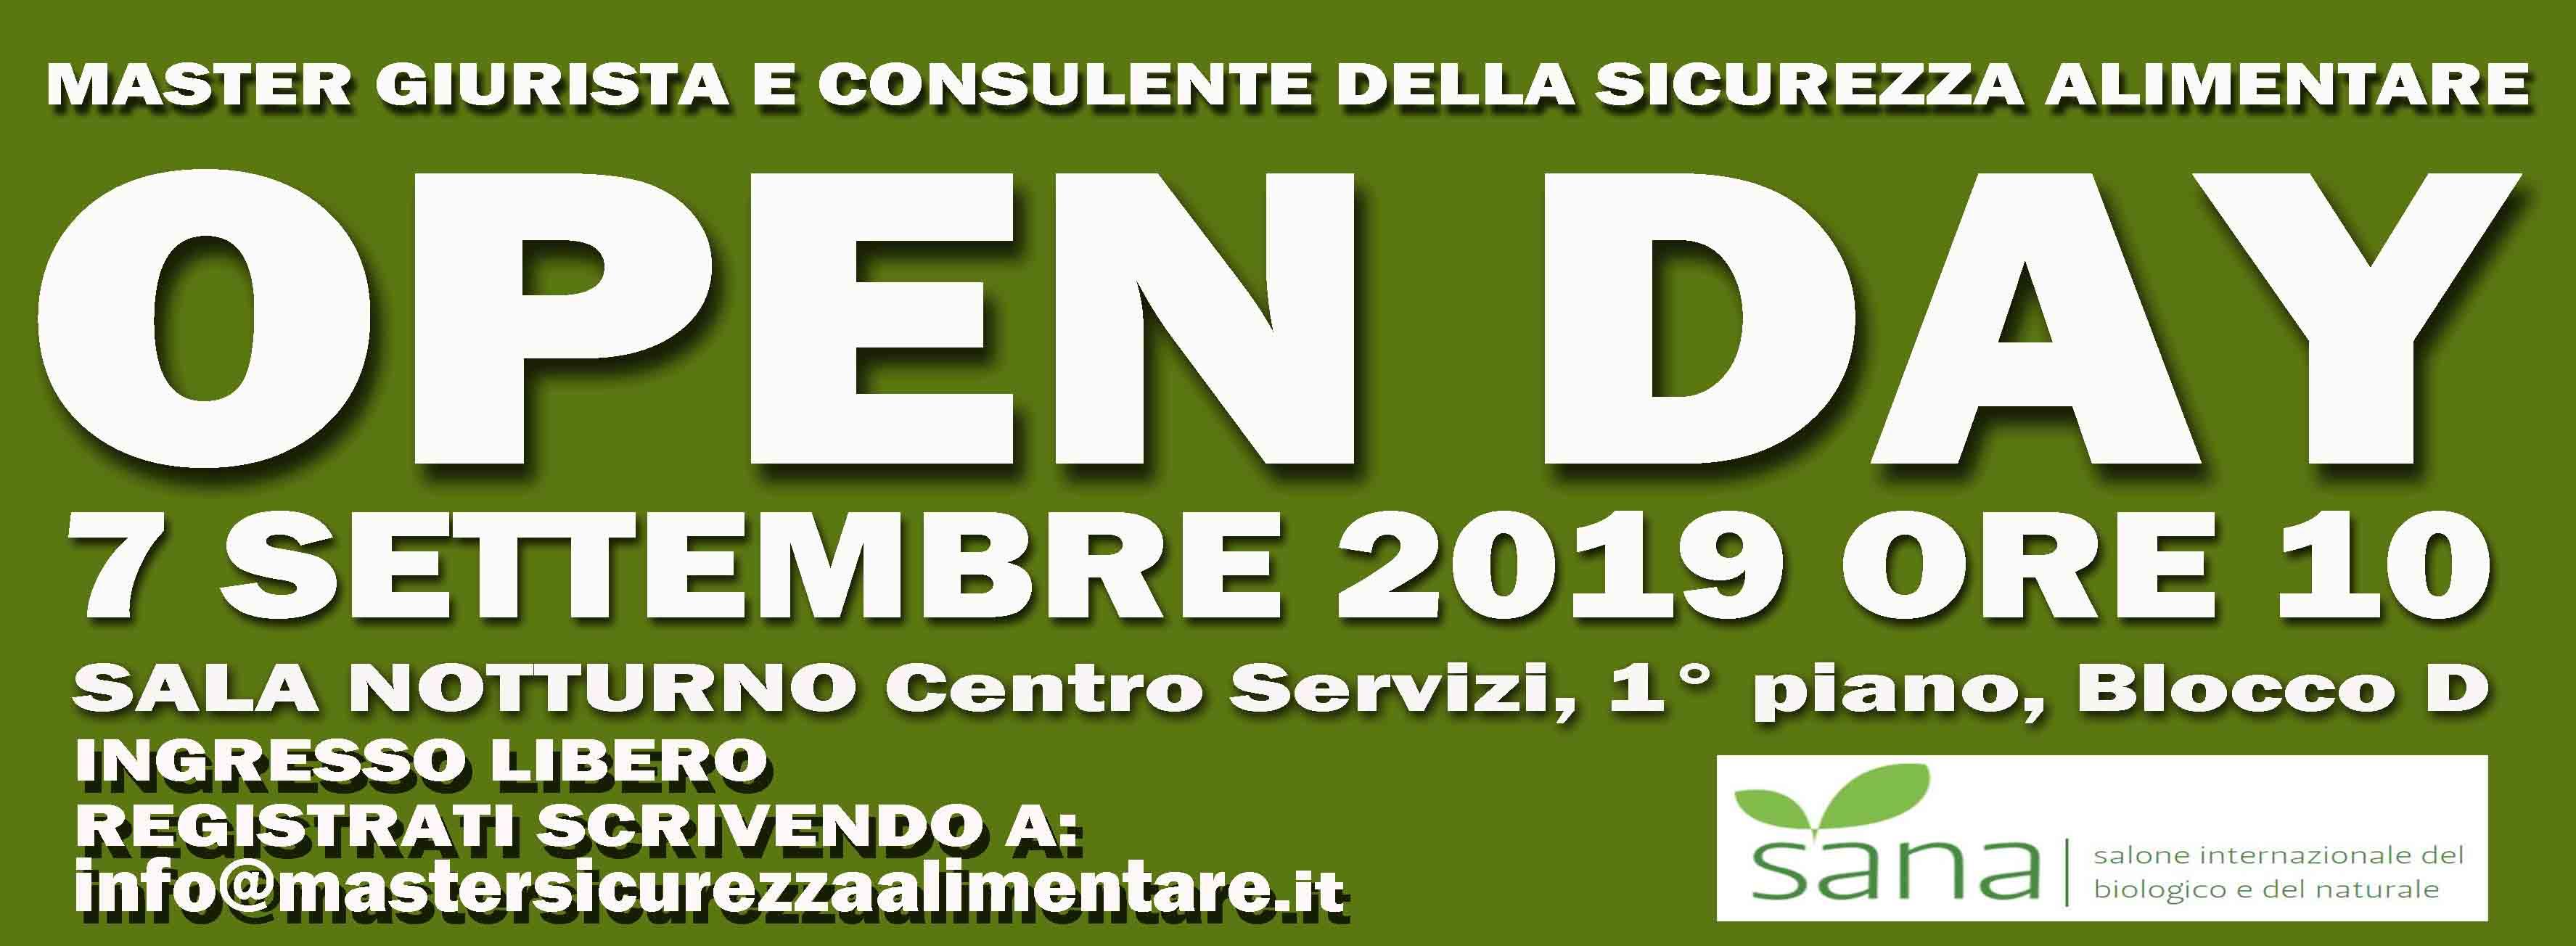 OPEN DAY - 7 SETTEMBRE 2019 - SANA